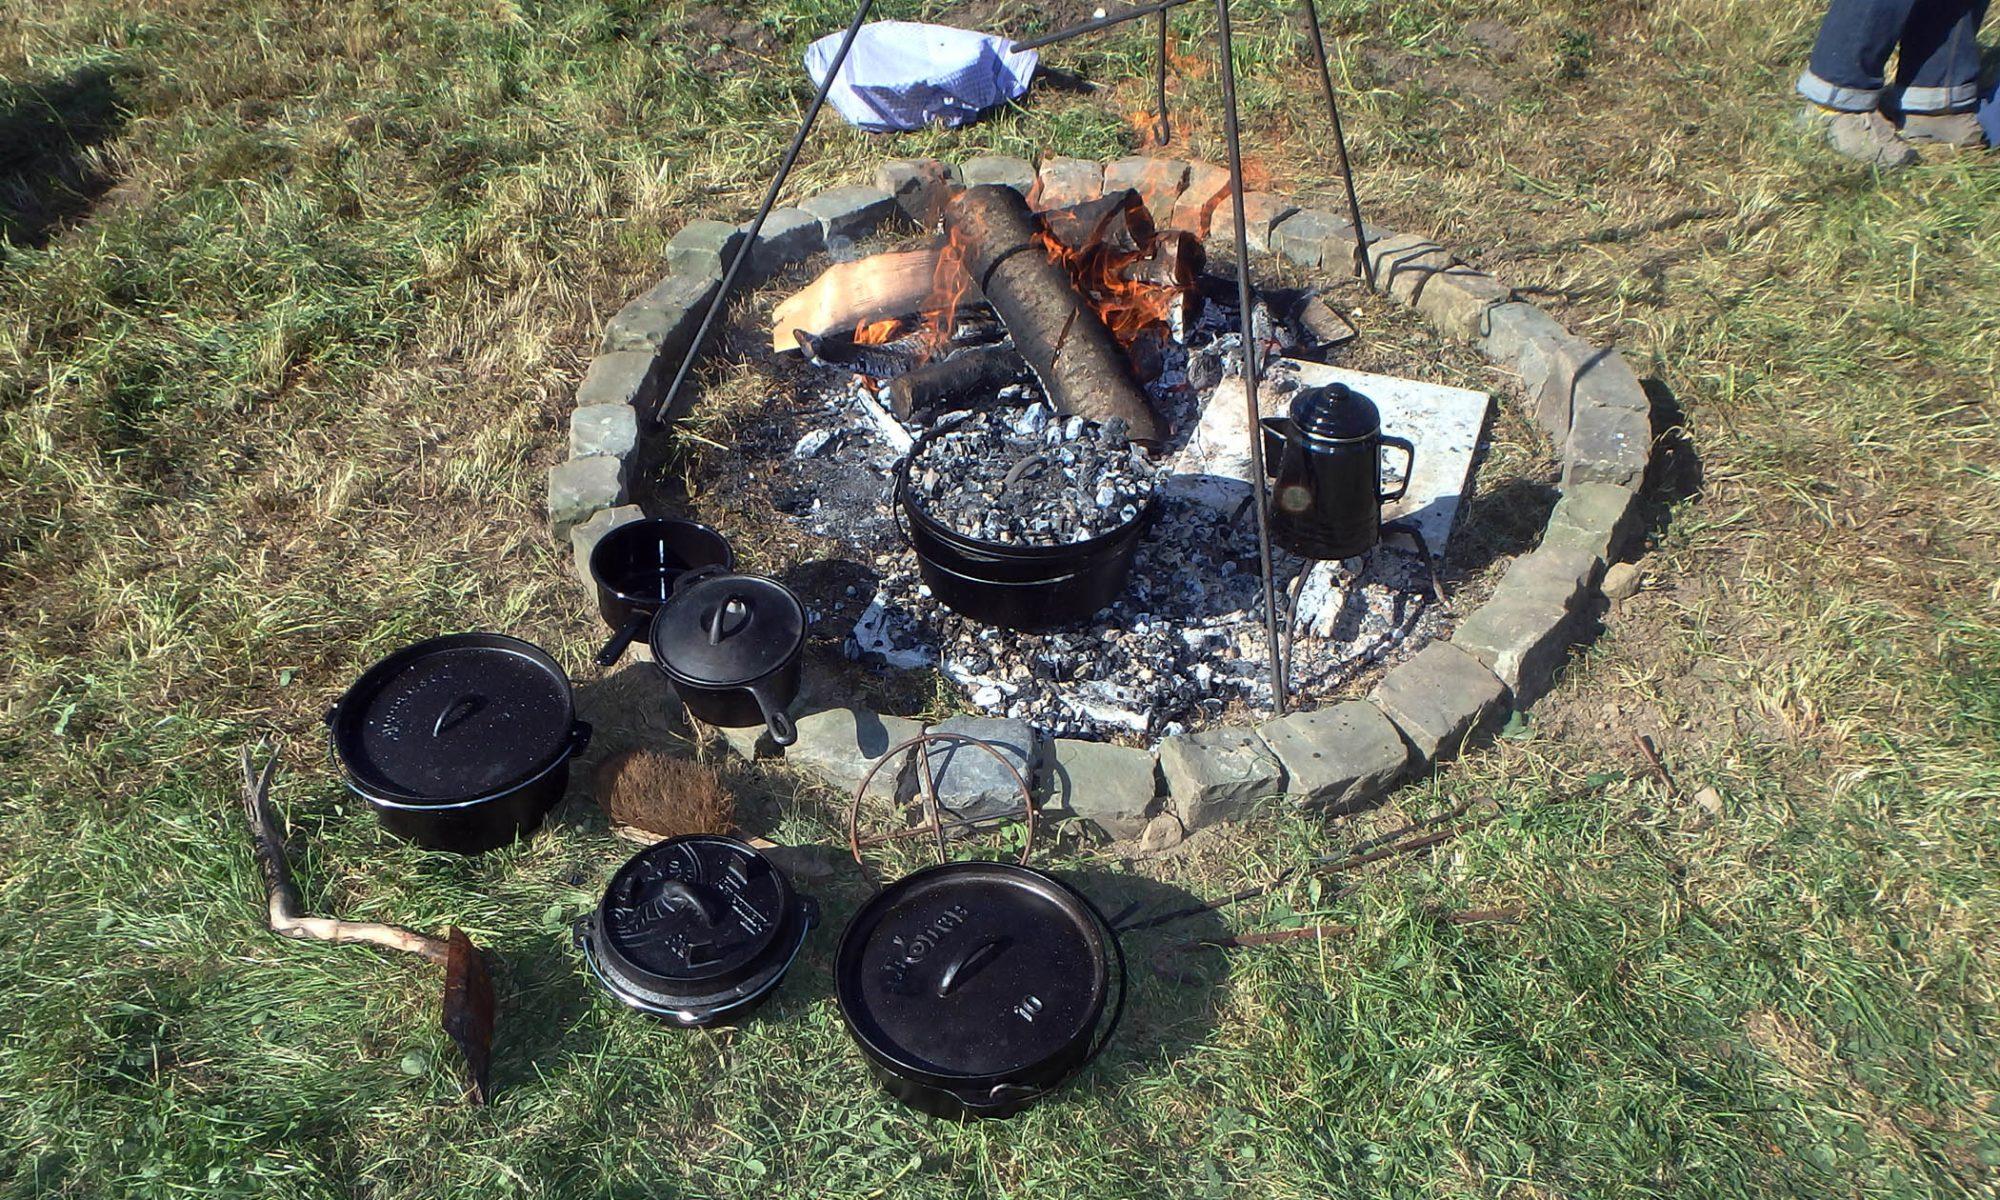 Feuerstelle mit Töpfen und Dreibein